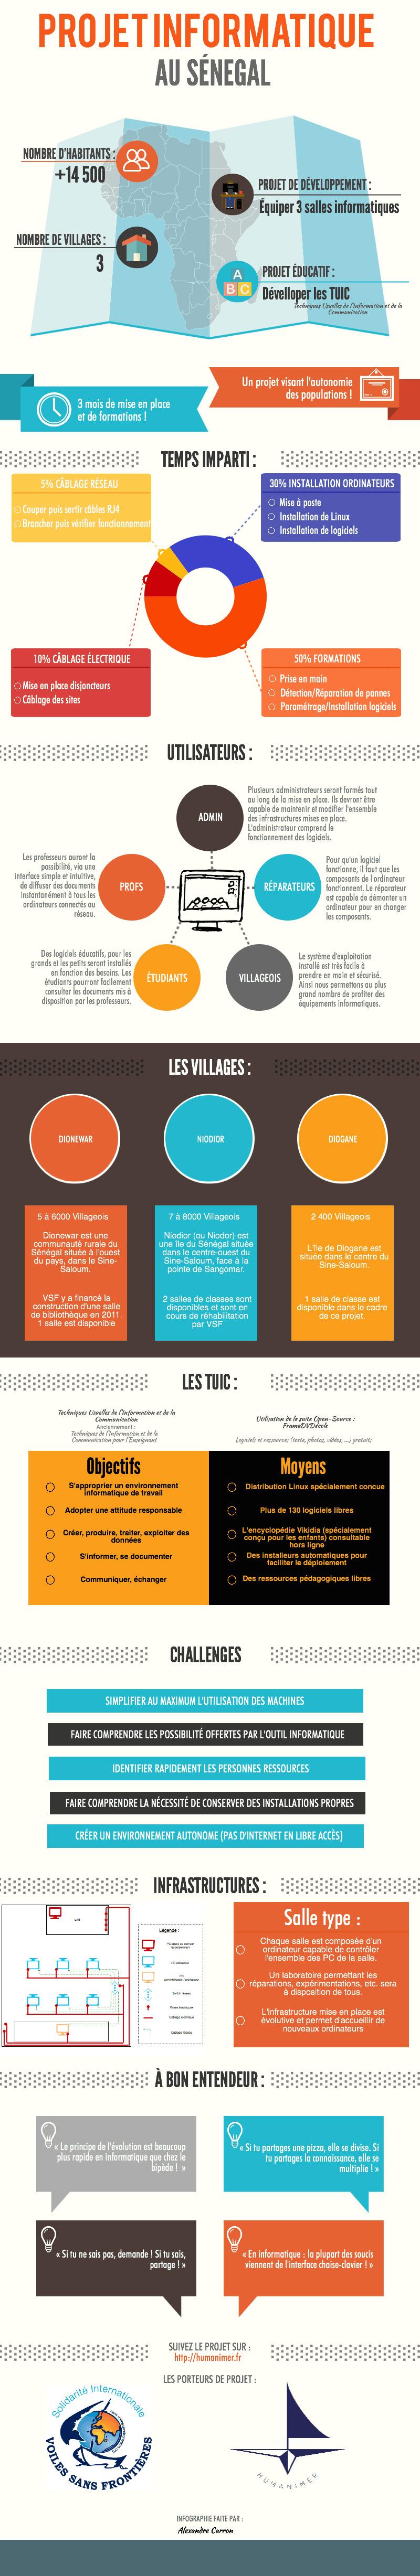 Nom : Projet-Informatique-infographie.png Affichages : 1235 Taille : 628,0 Ko